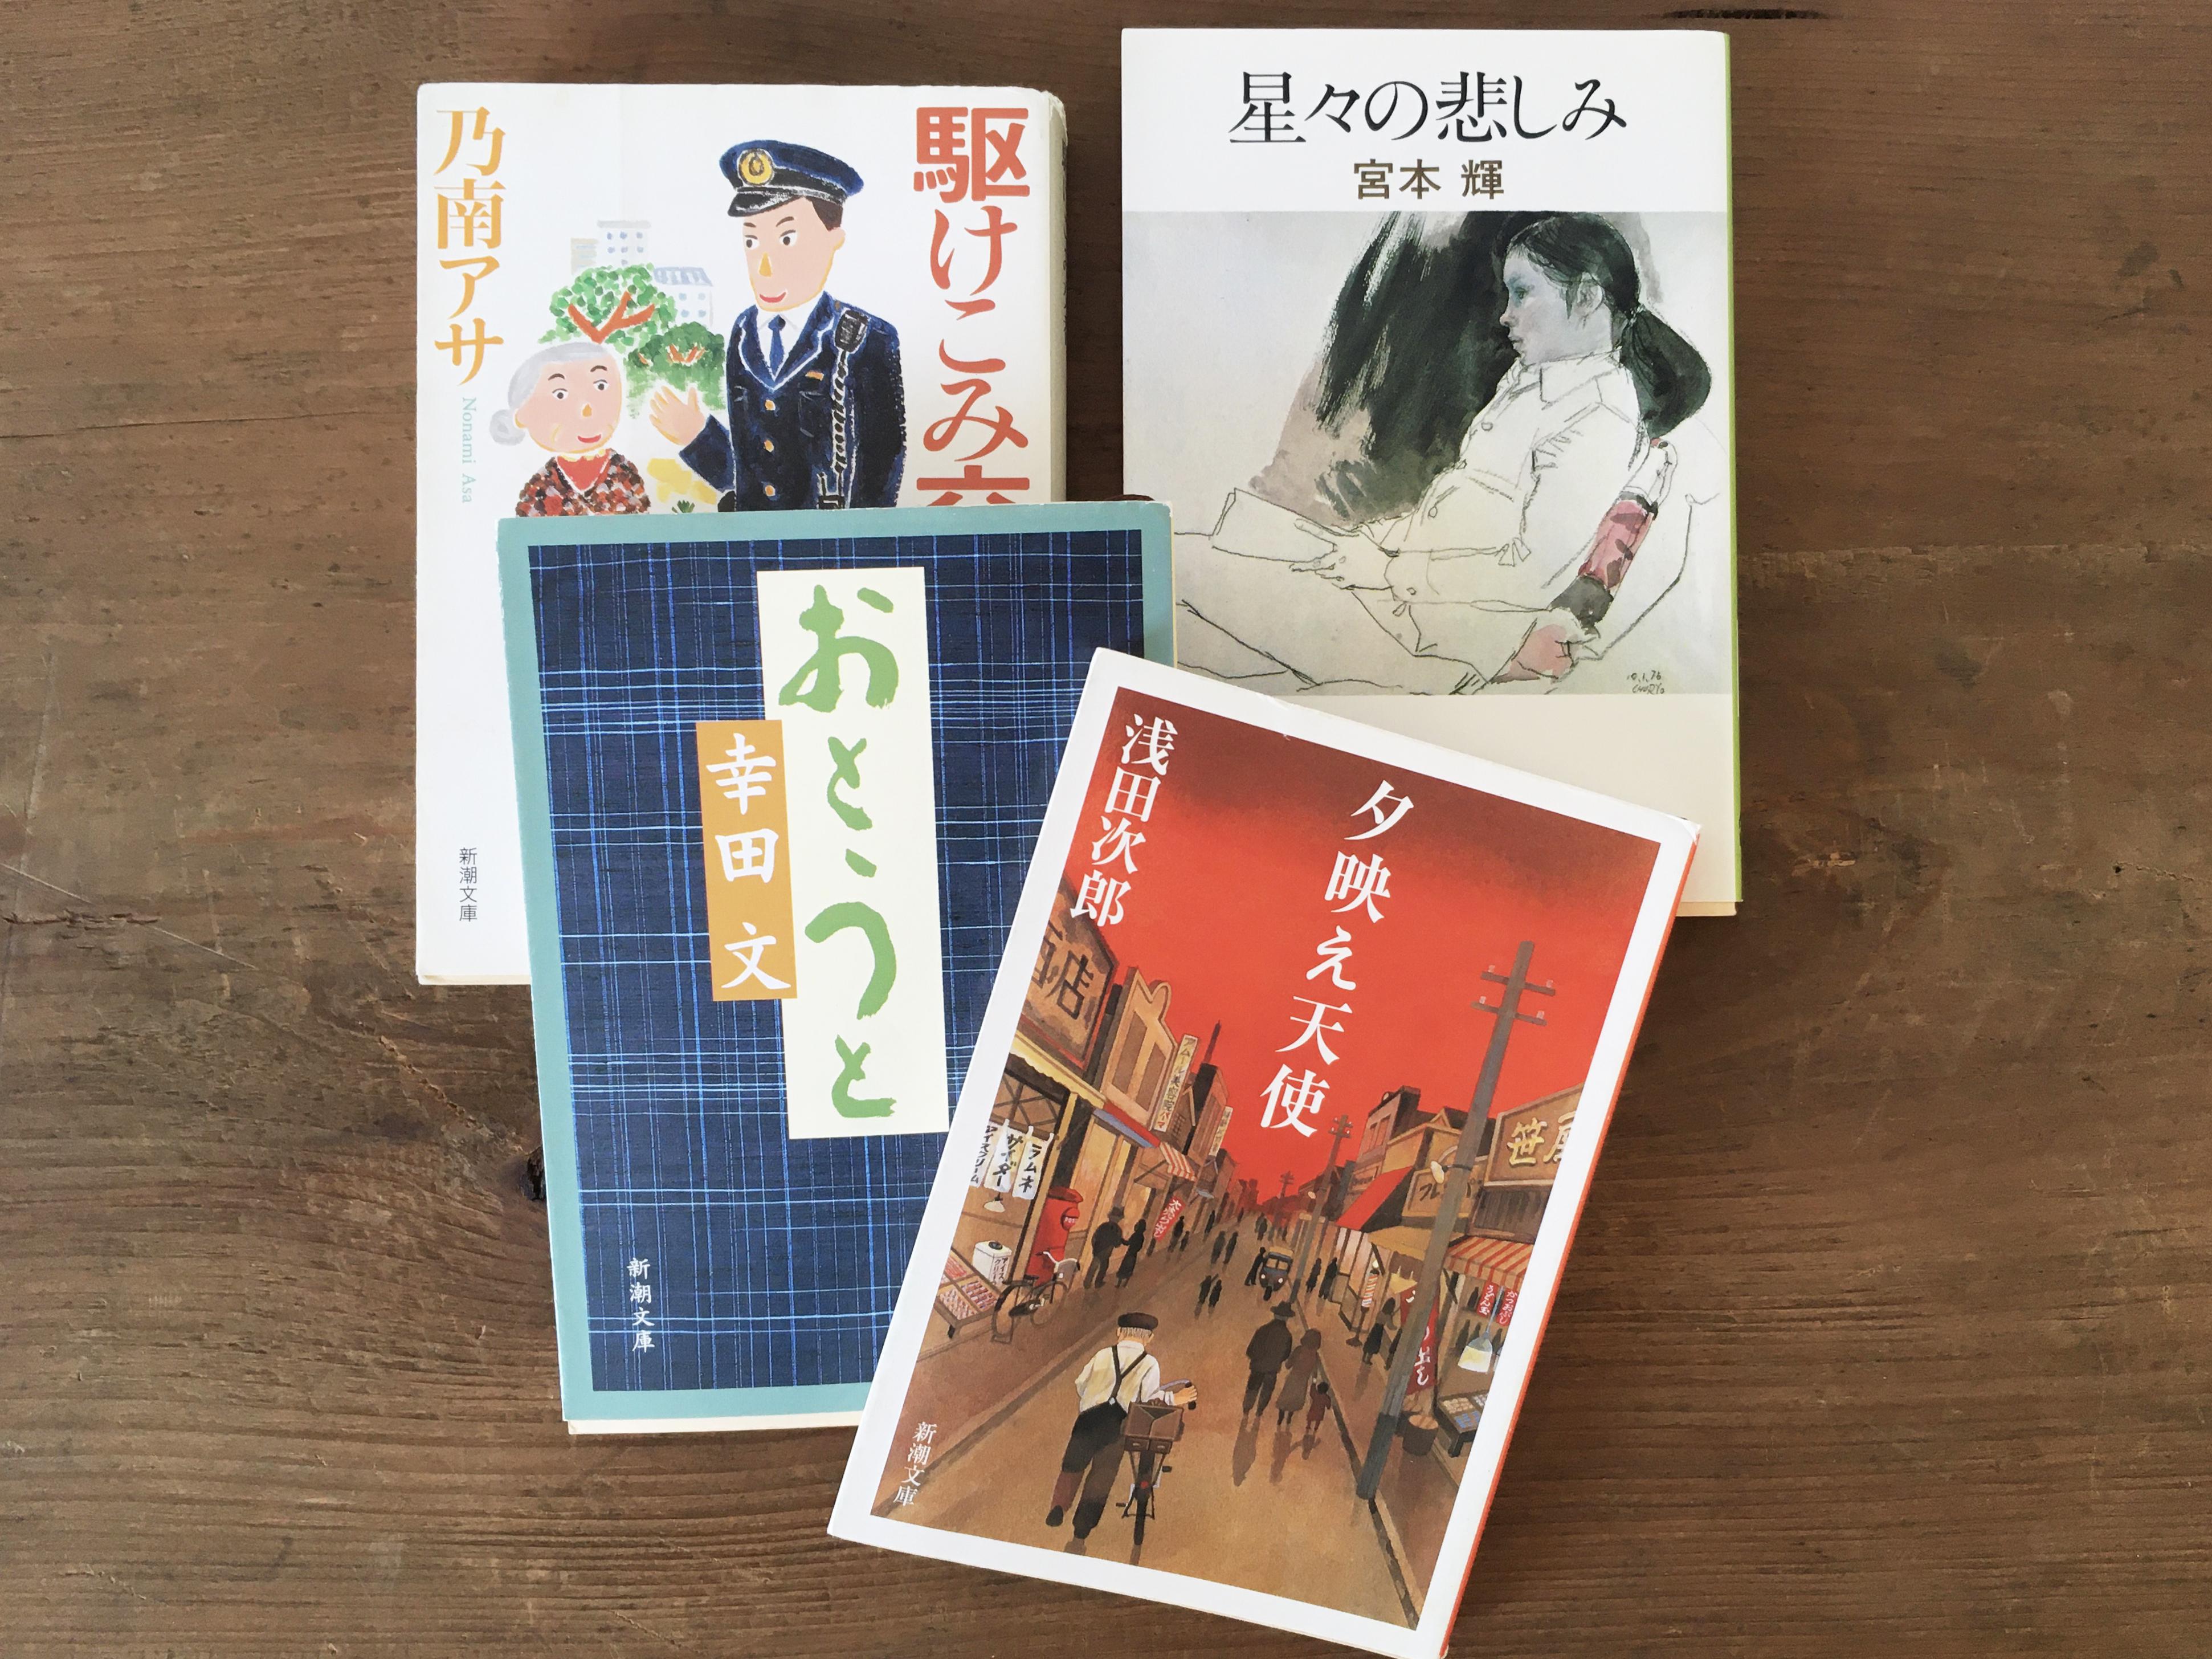 [古本]*文庫便* 街や人 (文庫本4冊+オリジナルポストカードセット)